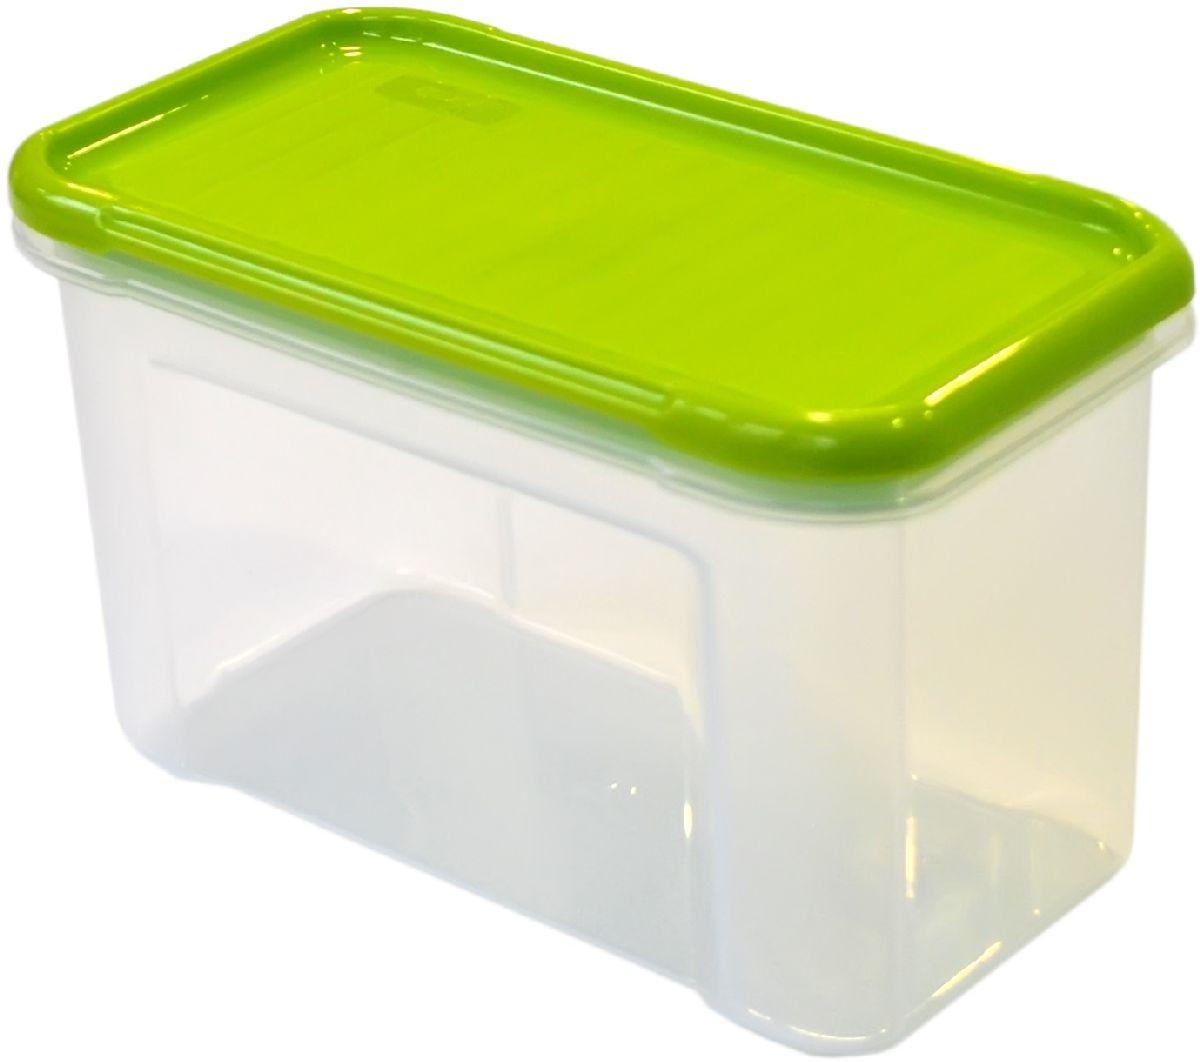 Банка для сыпучих продуктов Giaretti Krupa, цвет: оливковый, прозрачный, 750 мл банка для сыпучих продуктов giaretti krupa с дозатором цвет оливковый прозрачный 750 мл